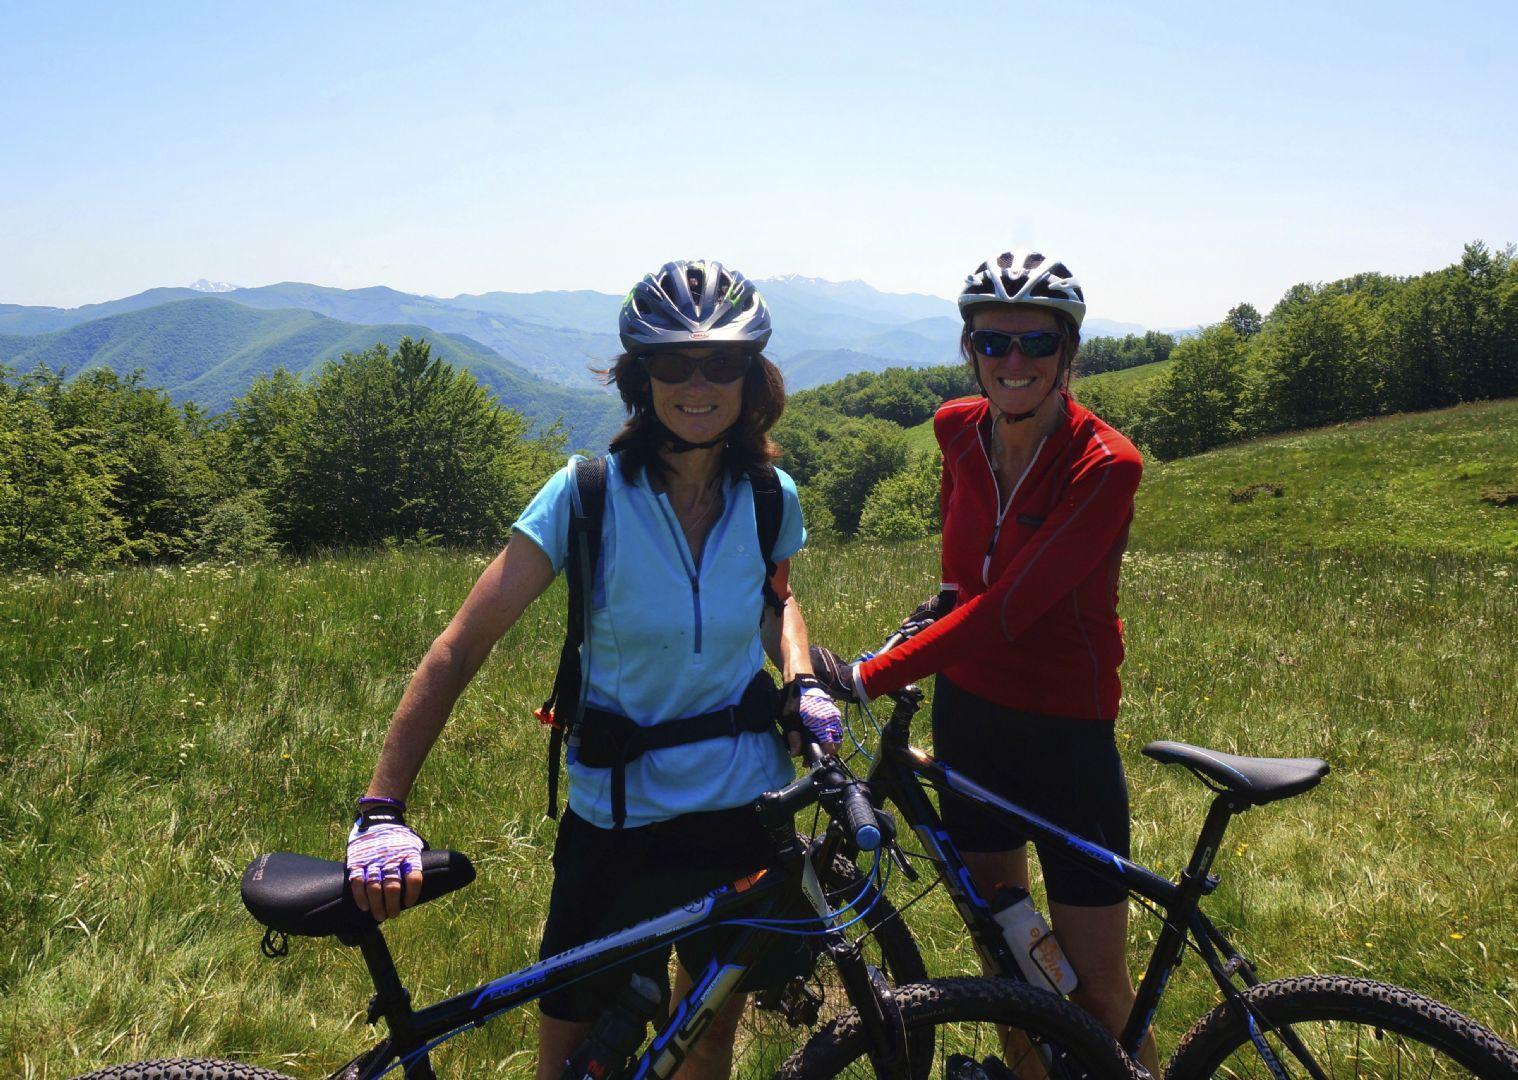 DSC03827.jpg - Italy - Via Francigena (Tuscany to Rome) - Guided Mountain Biking Holiday - Mountain Biking